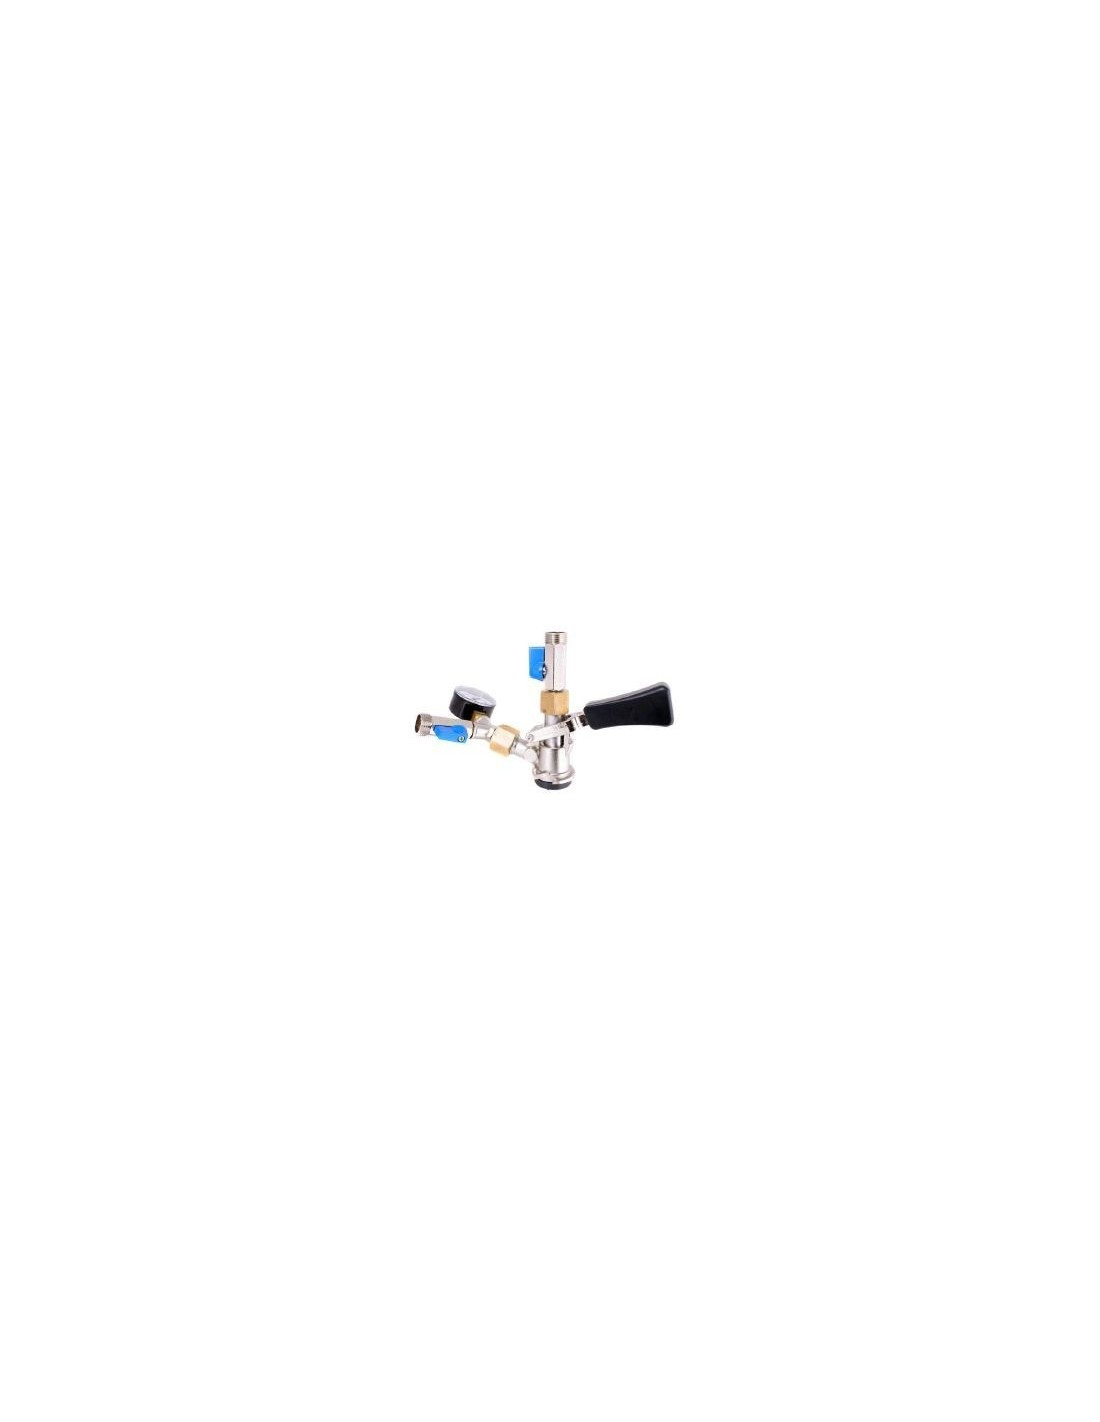 VYR02241 - Fatkoppling - Fatkoppling Typ-S för manuell fyllning av fat